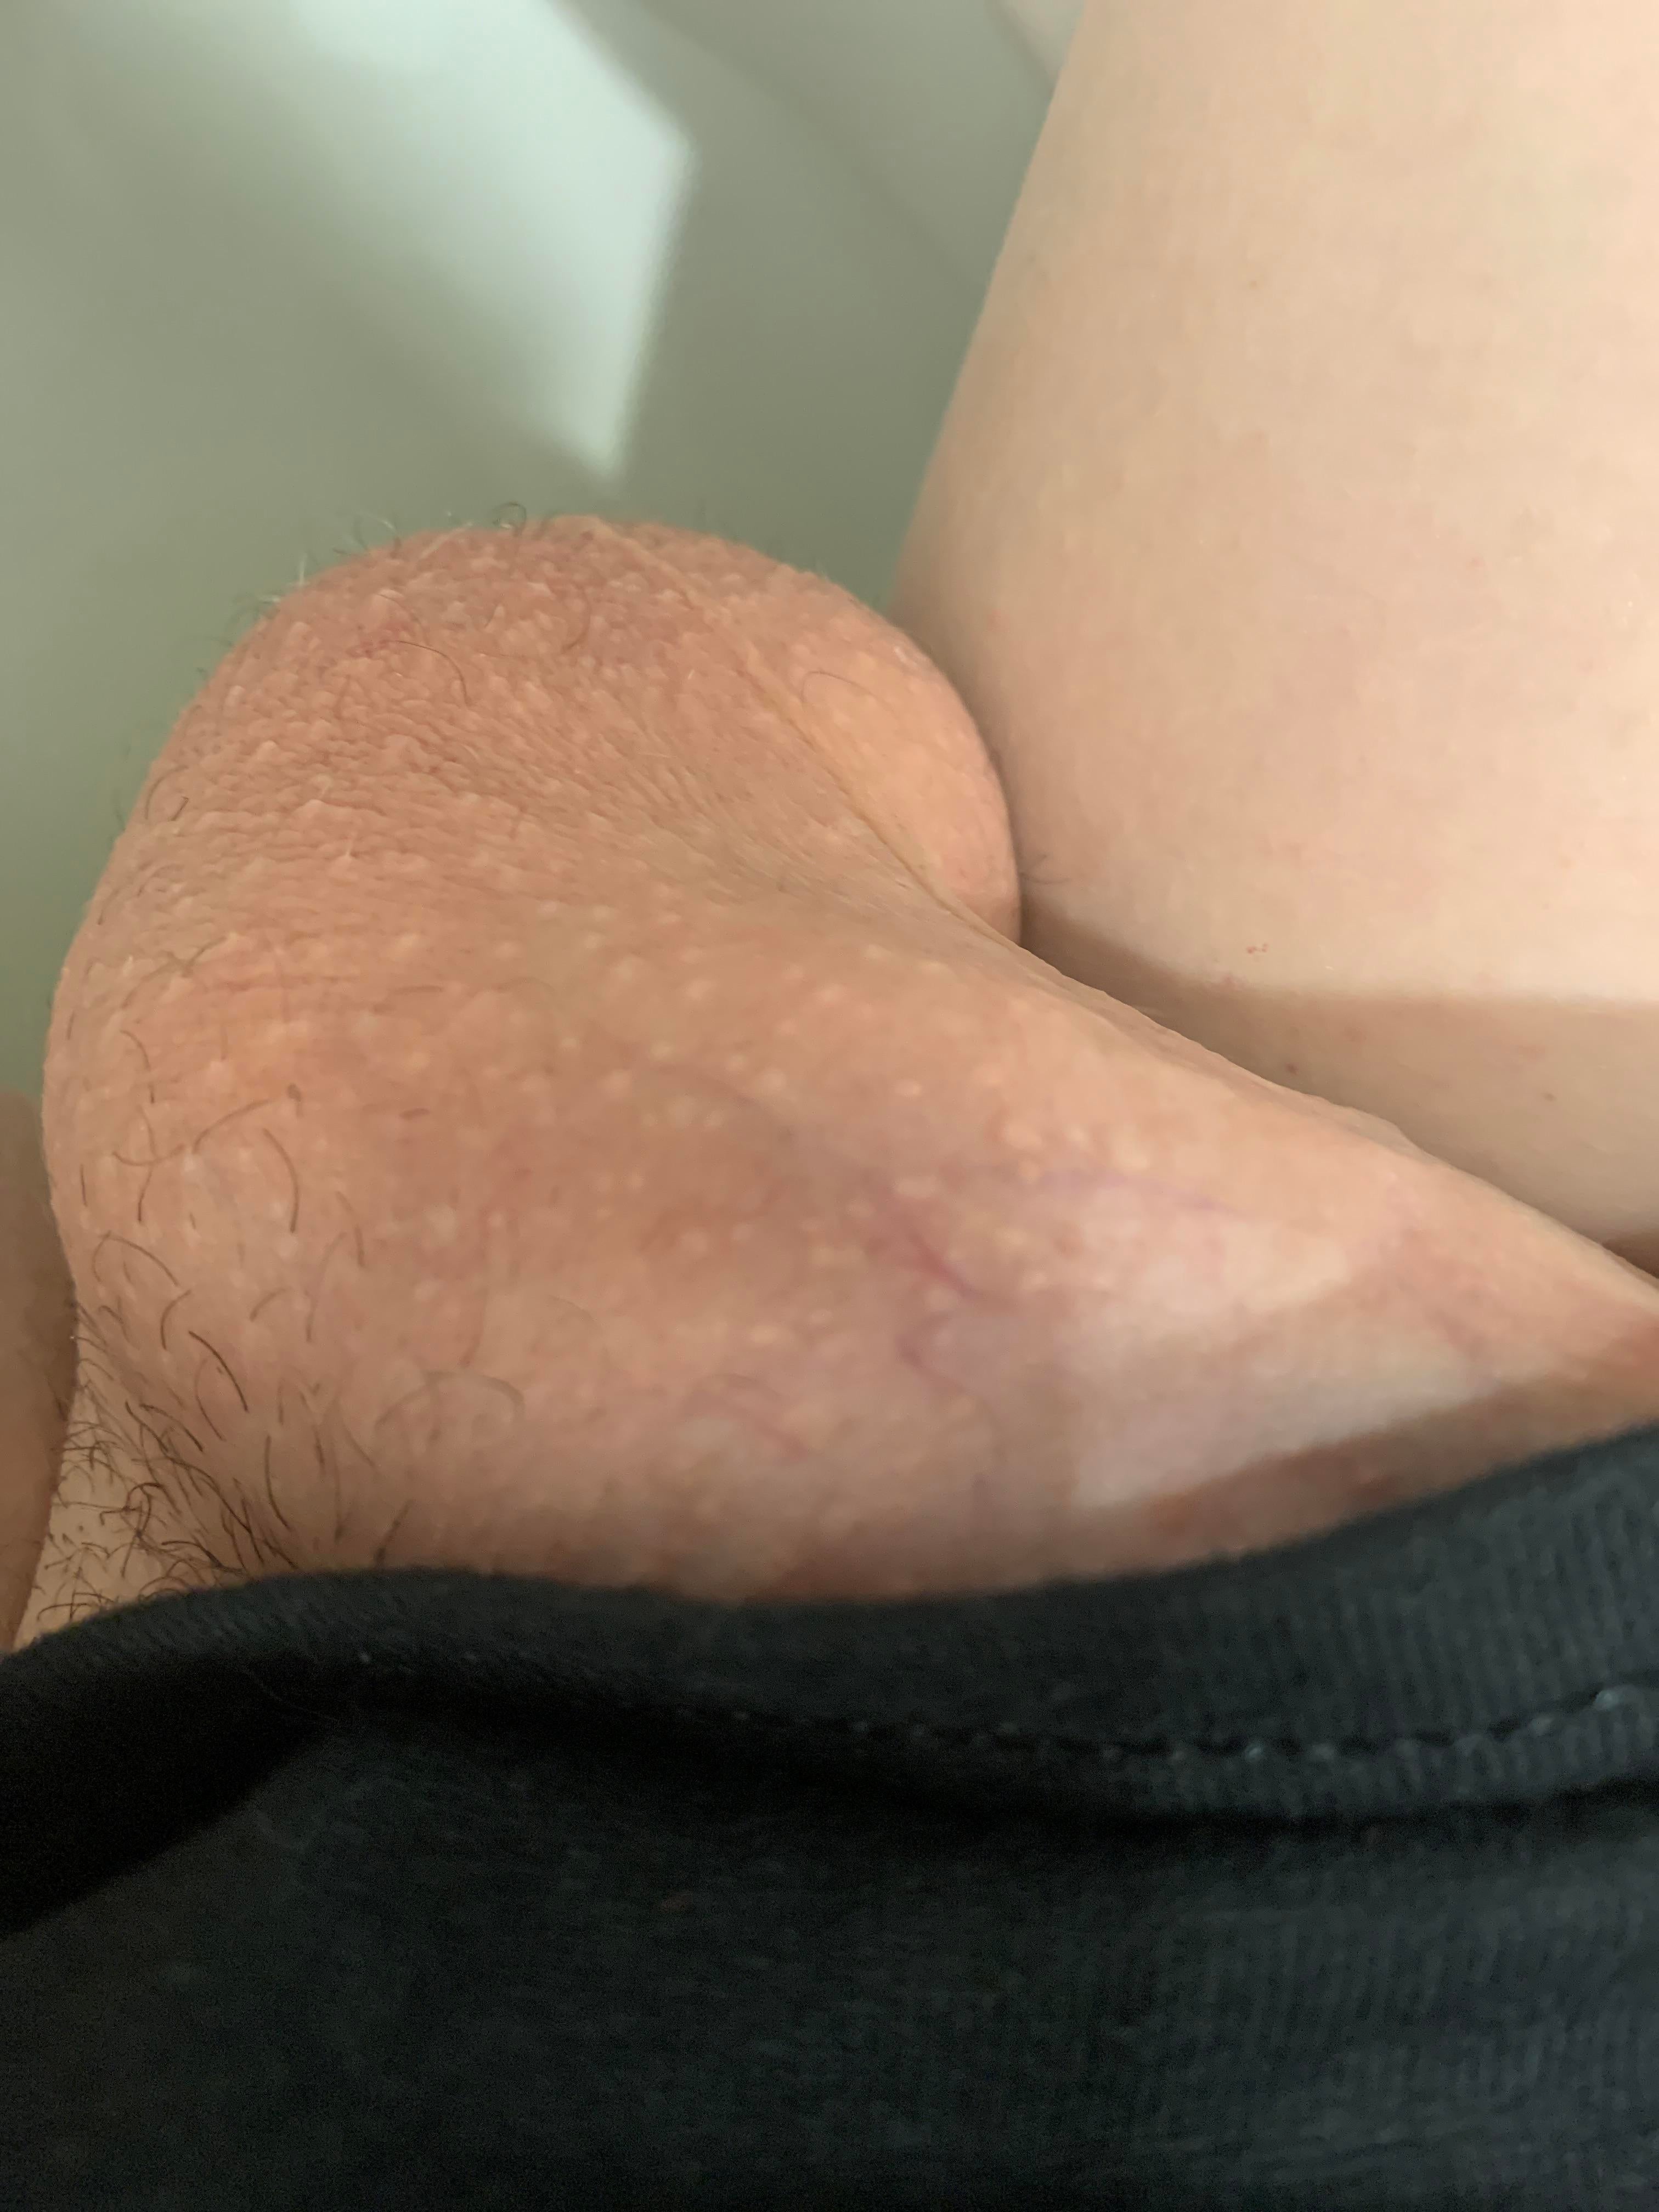 penis normal